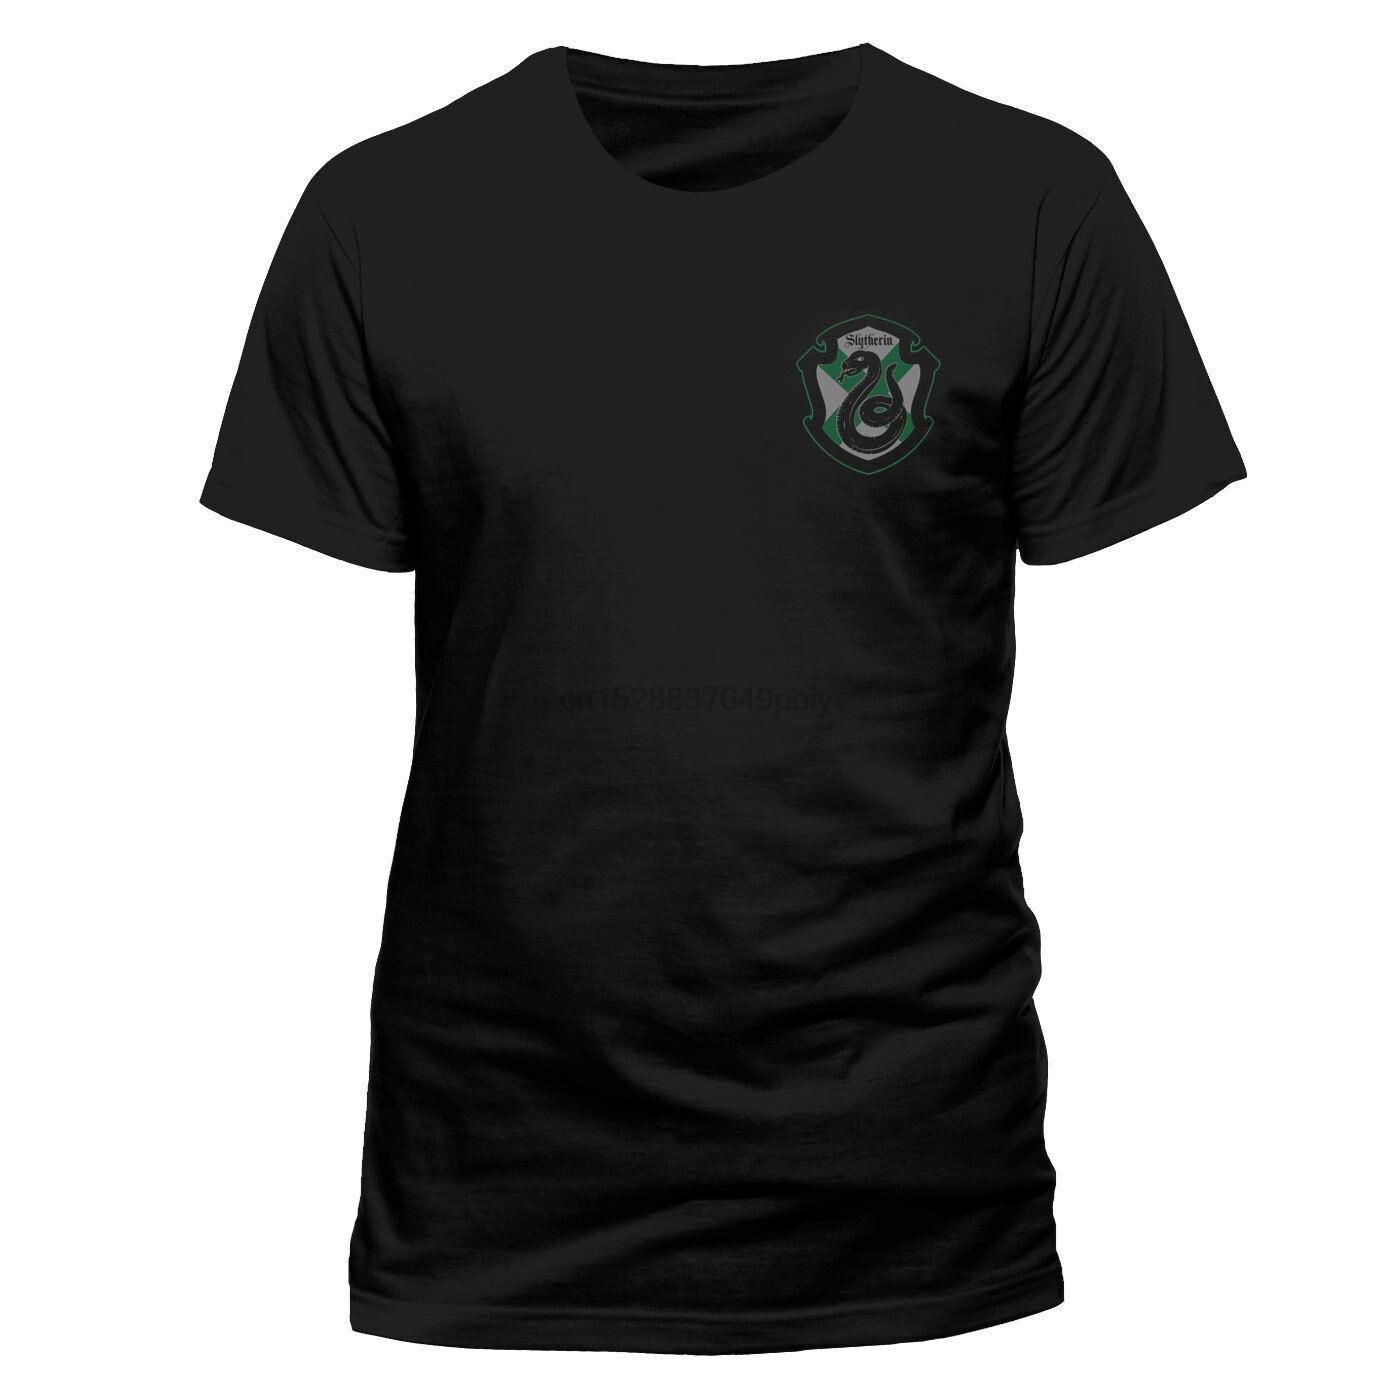 Maison officiel de crête de Slytherin T-shirt noir NOUVEAU Front N Retour Imprimer